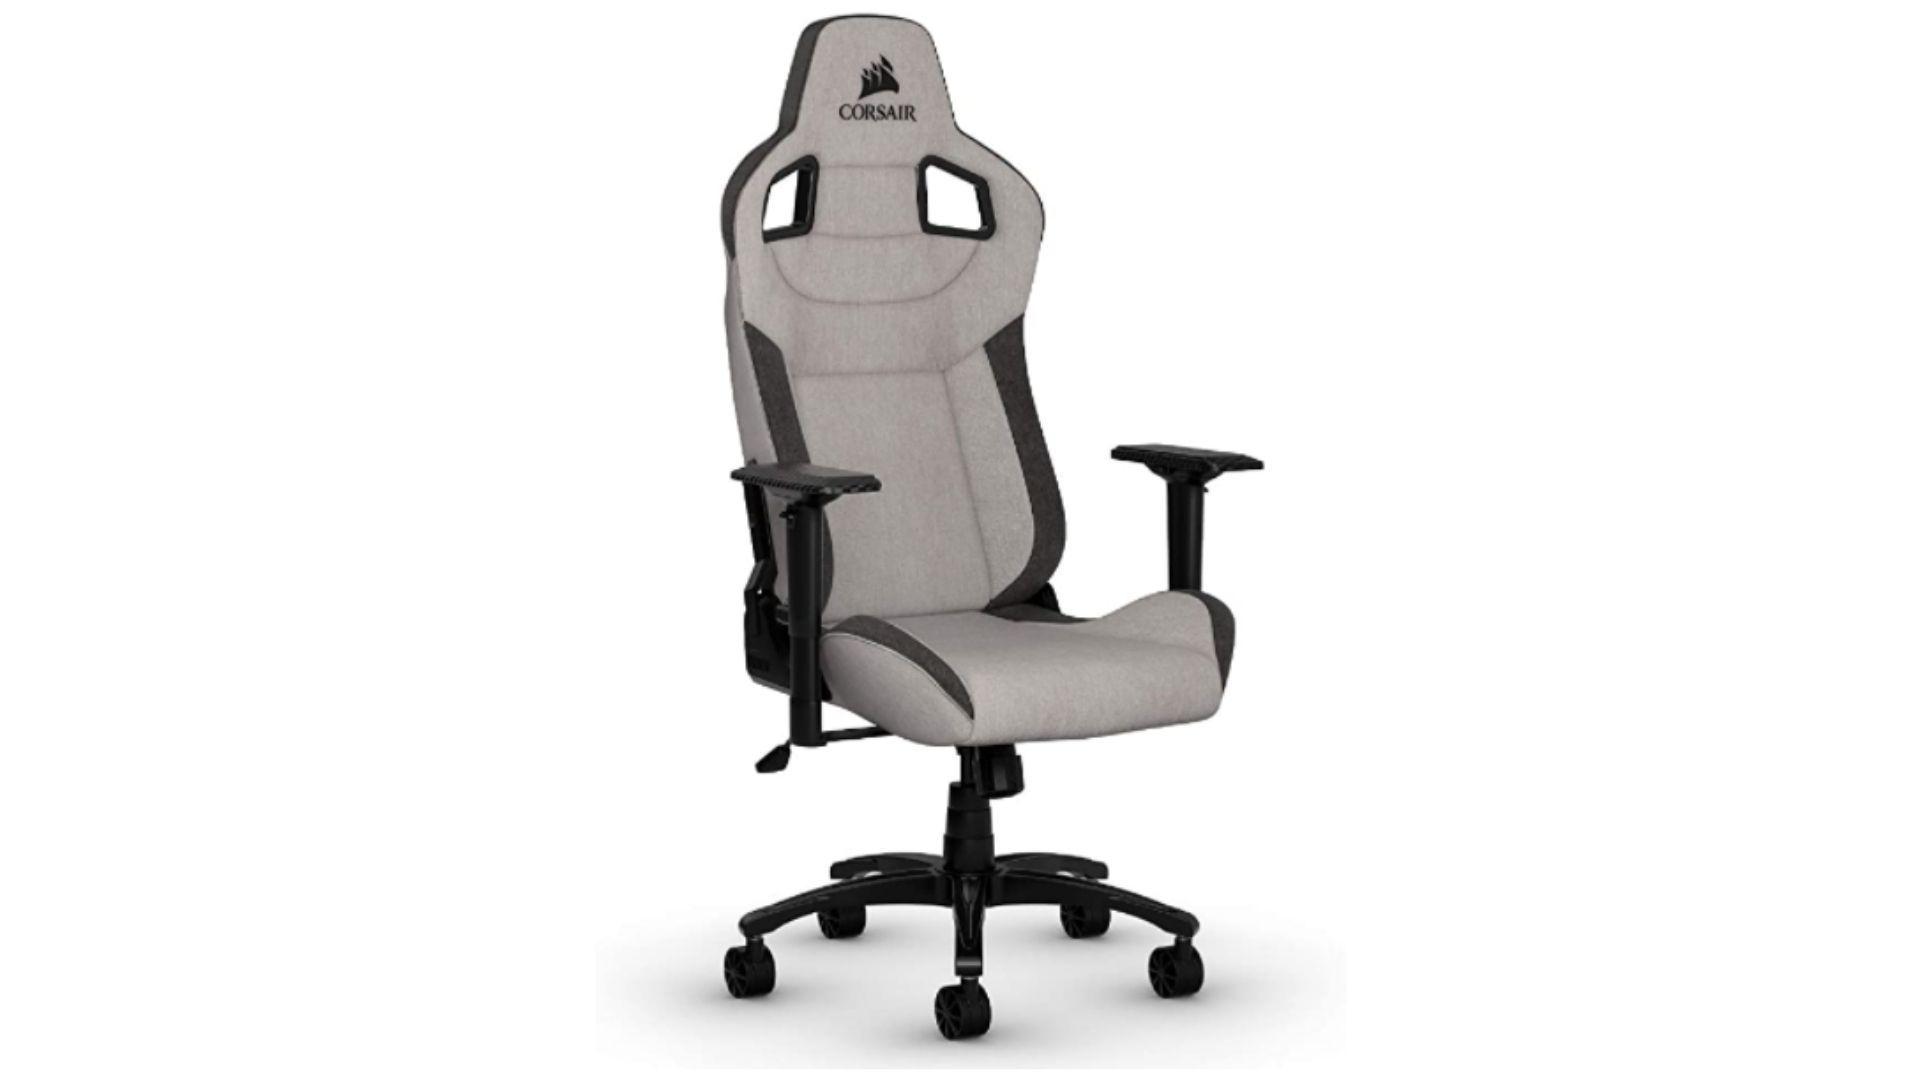 Cadeira gamer de tecido Corsair T3 Rush de frente, com ângulo pegando um pouco de sua lateral, em fundo branco.